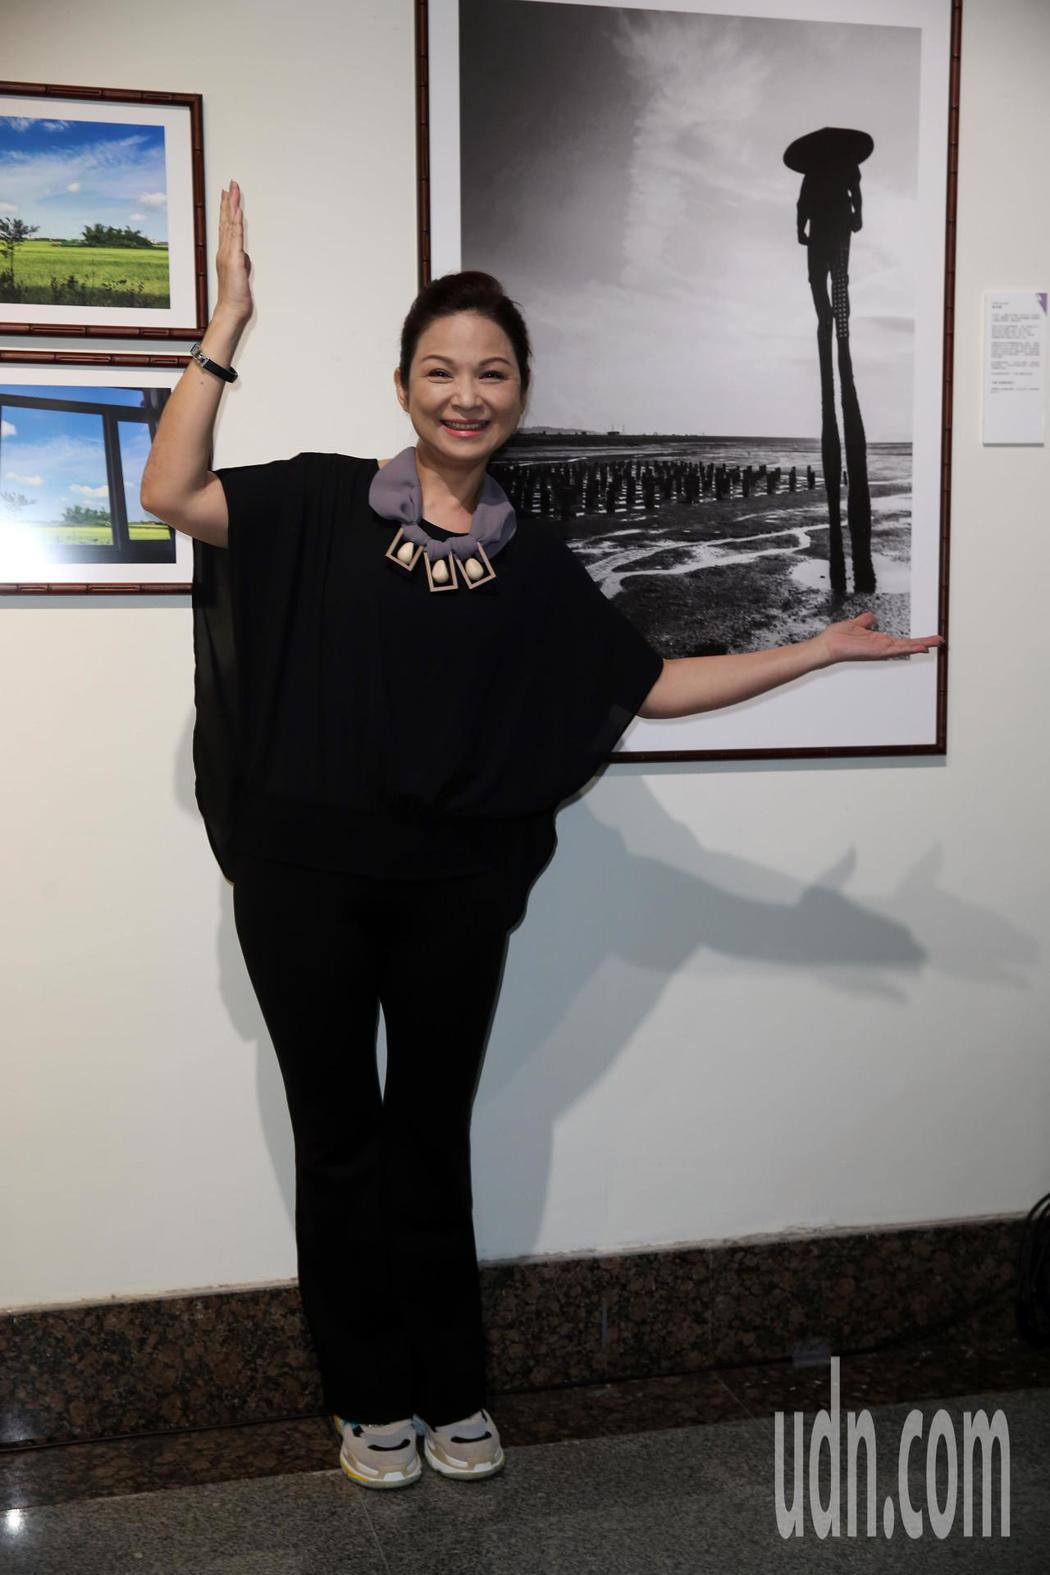 國際攝影節藝人攝影展-星光人家,參展藝人楊貴媚出席。記者曾吉松/攝影